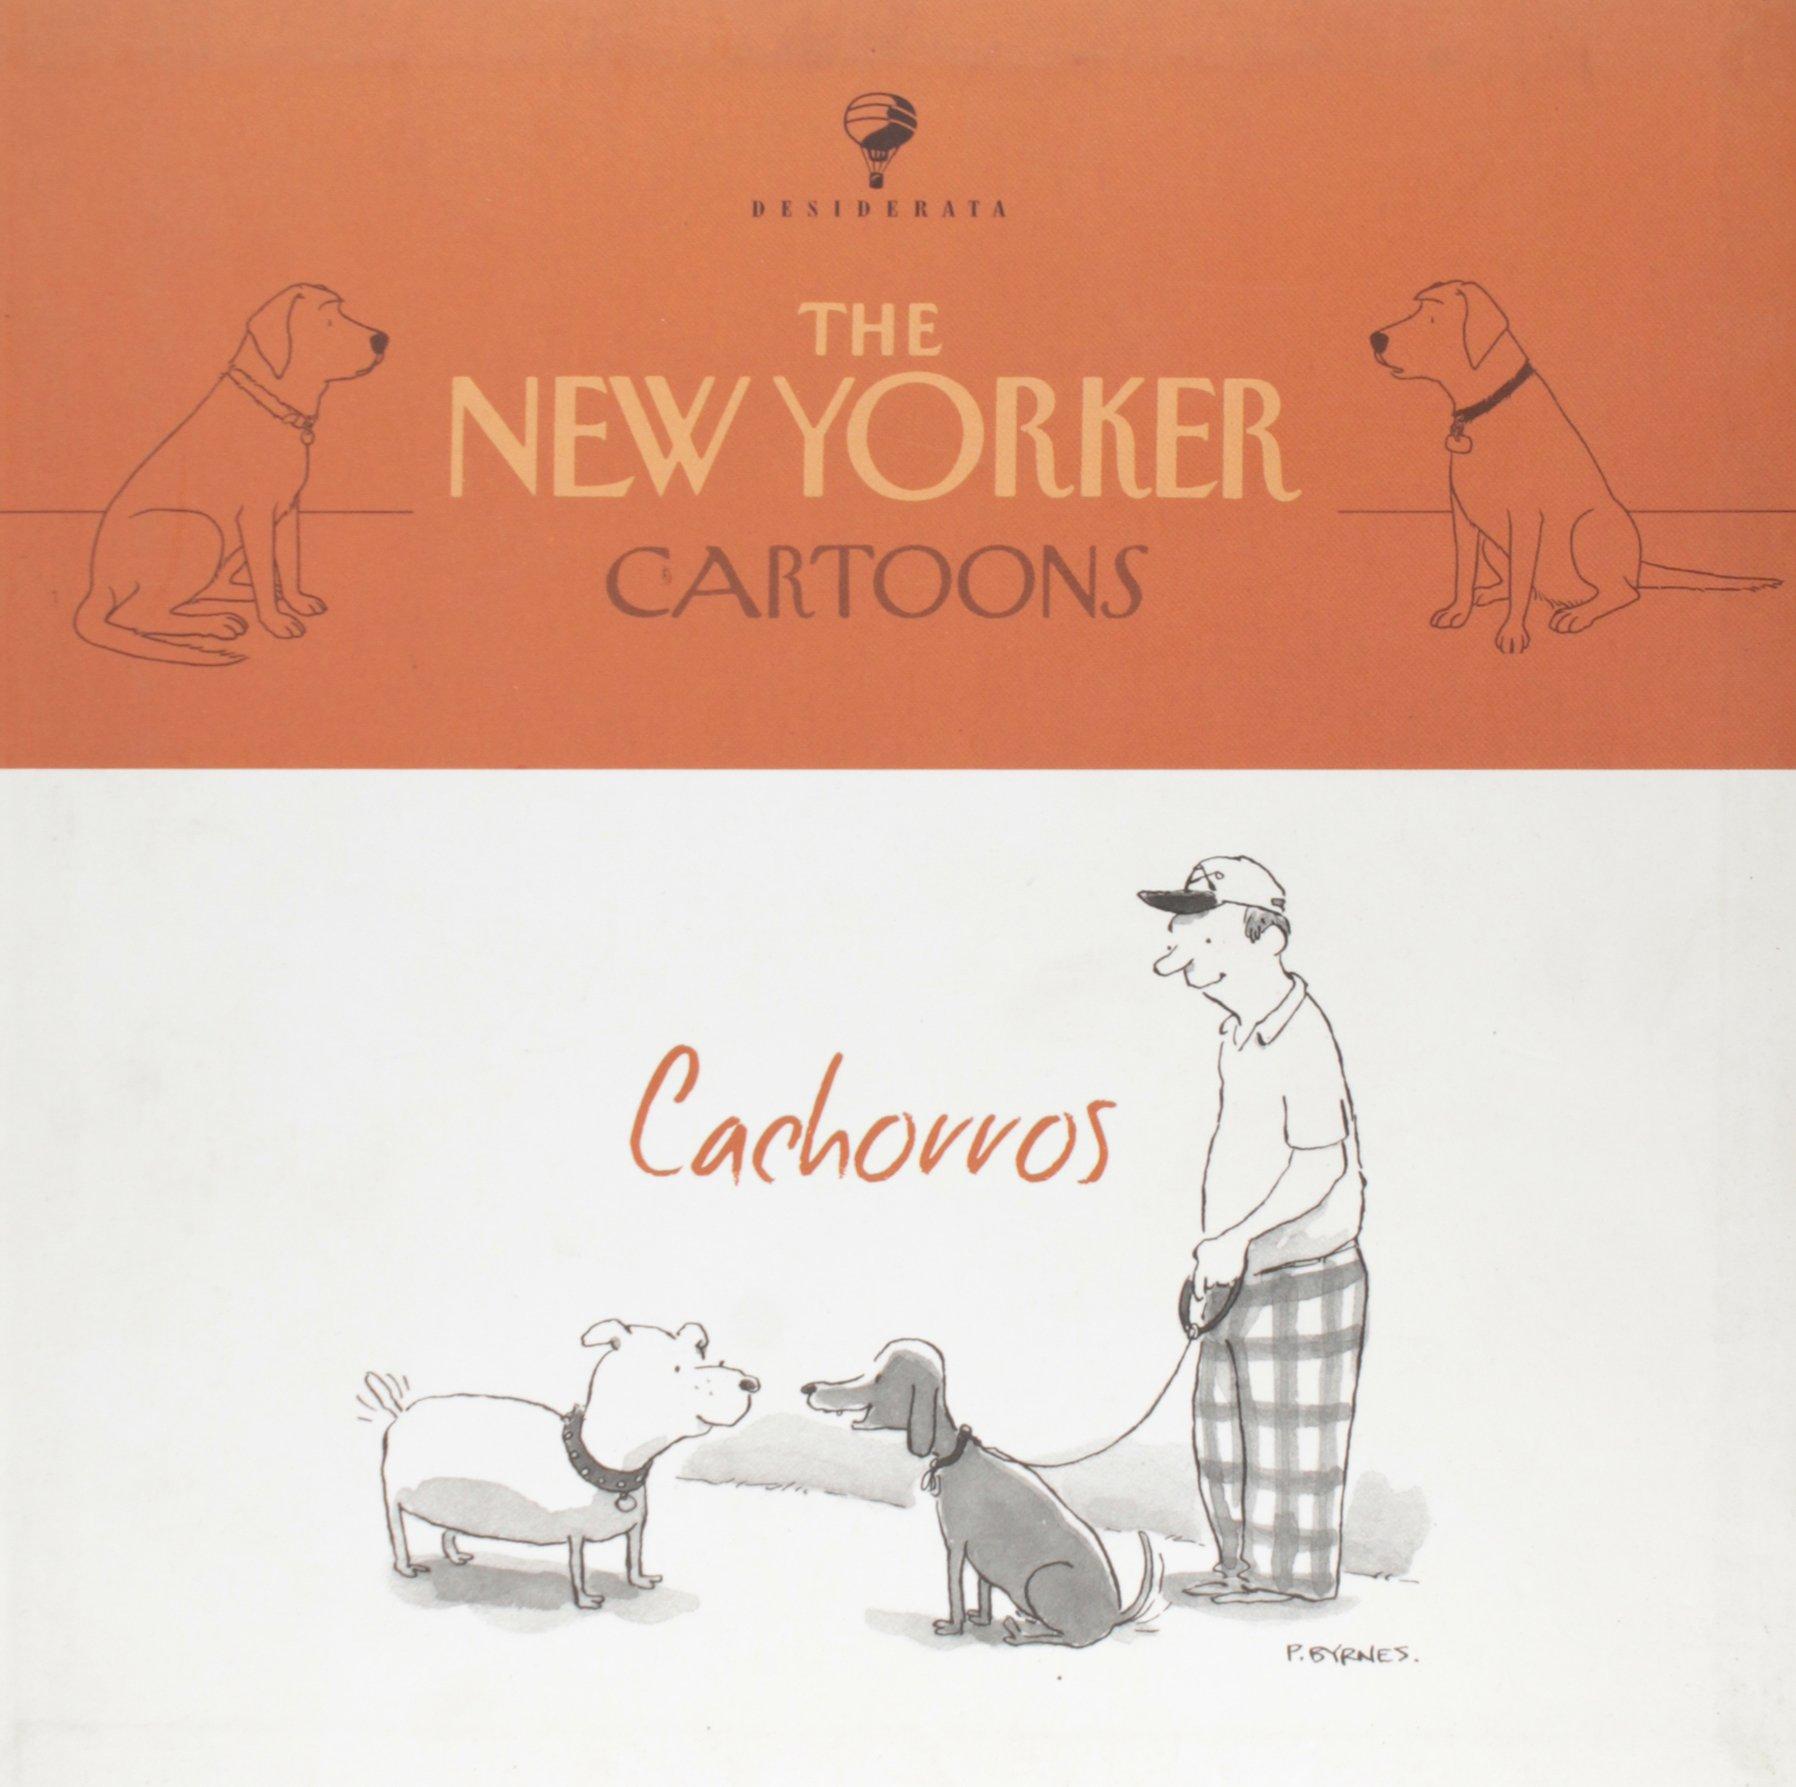 Download The New Yorker Cartoons. Cachorros (Em Portuguese do Brasil) PDF